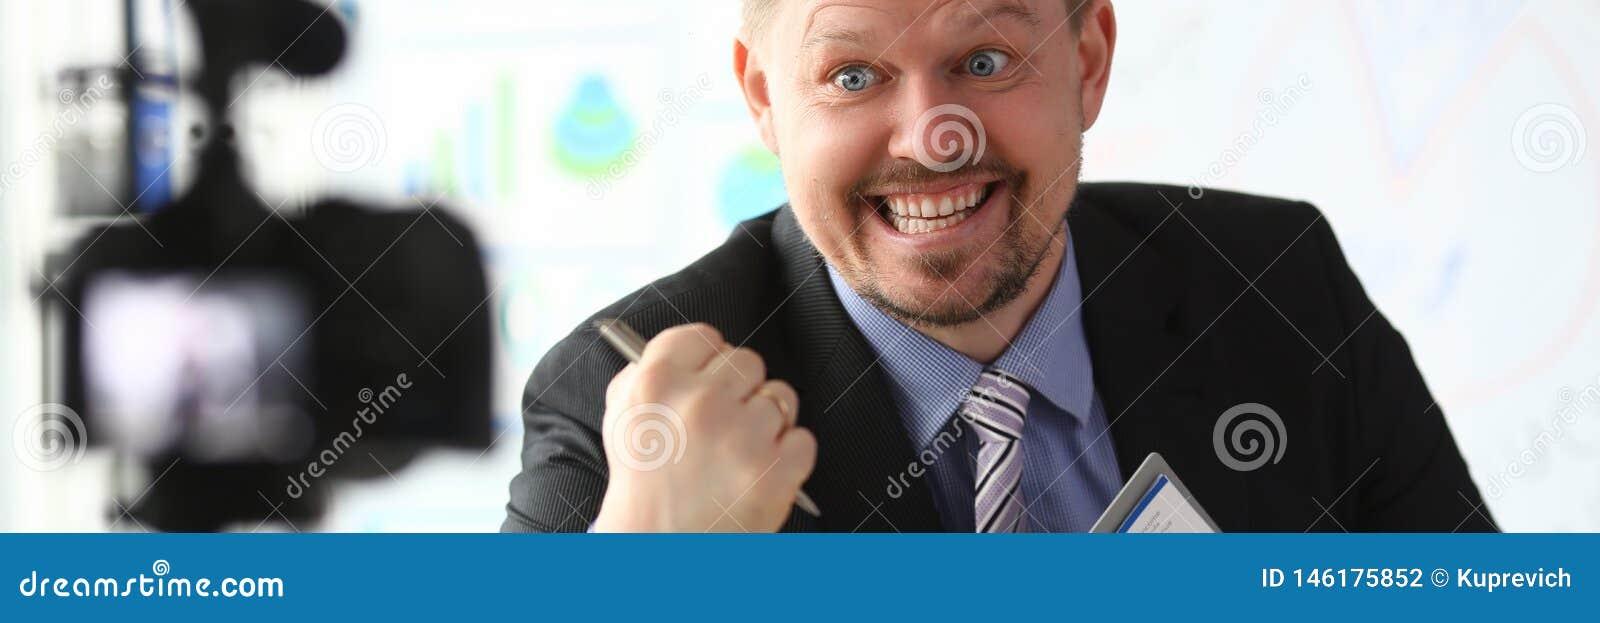 Strato online di blogger dell uomo d affari che grida